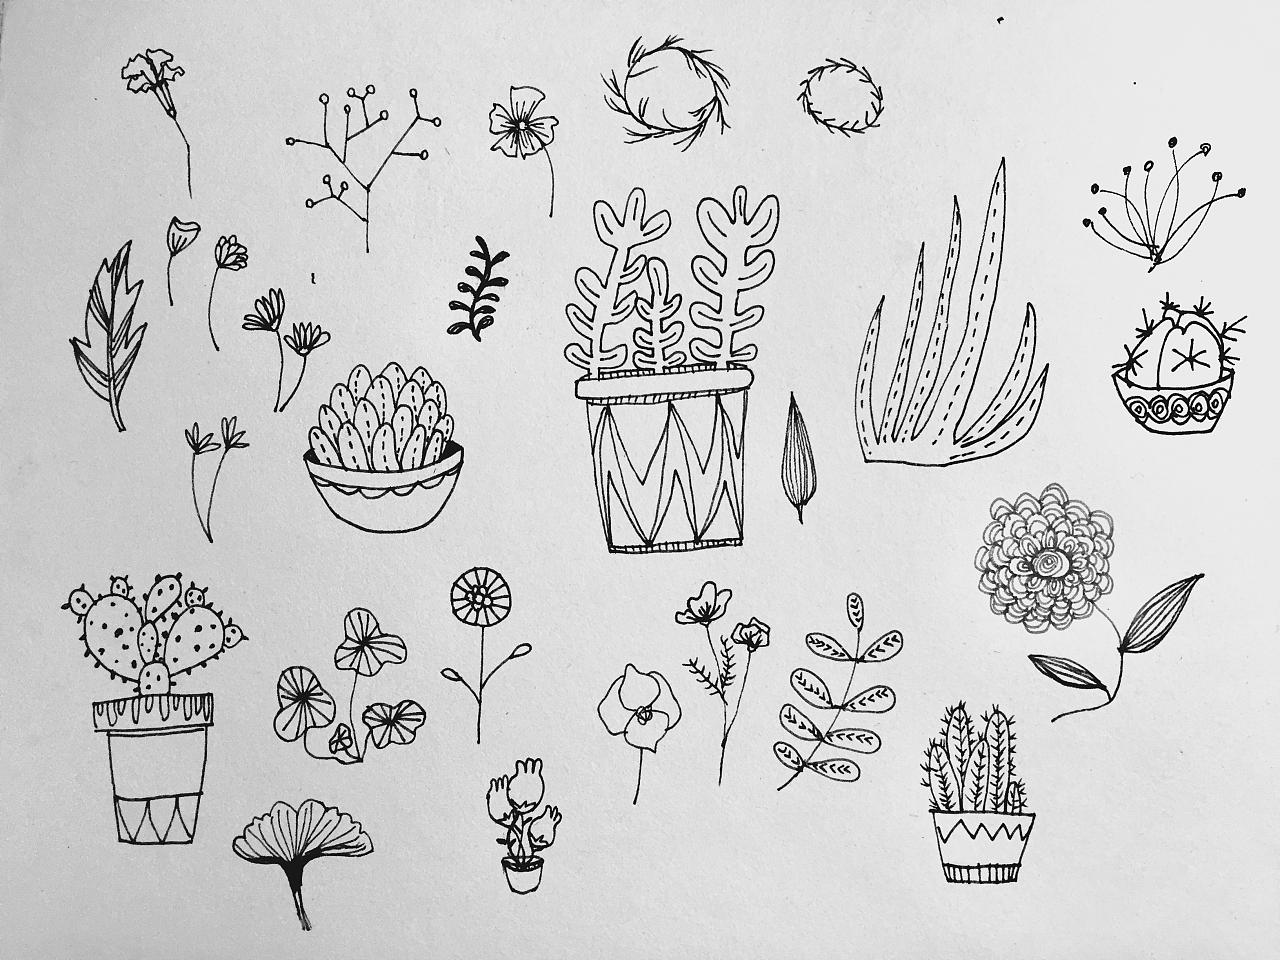 手绘植物|插画|插画习作|冰糖瘦子 - 原创作品 - 站酷